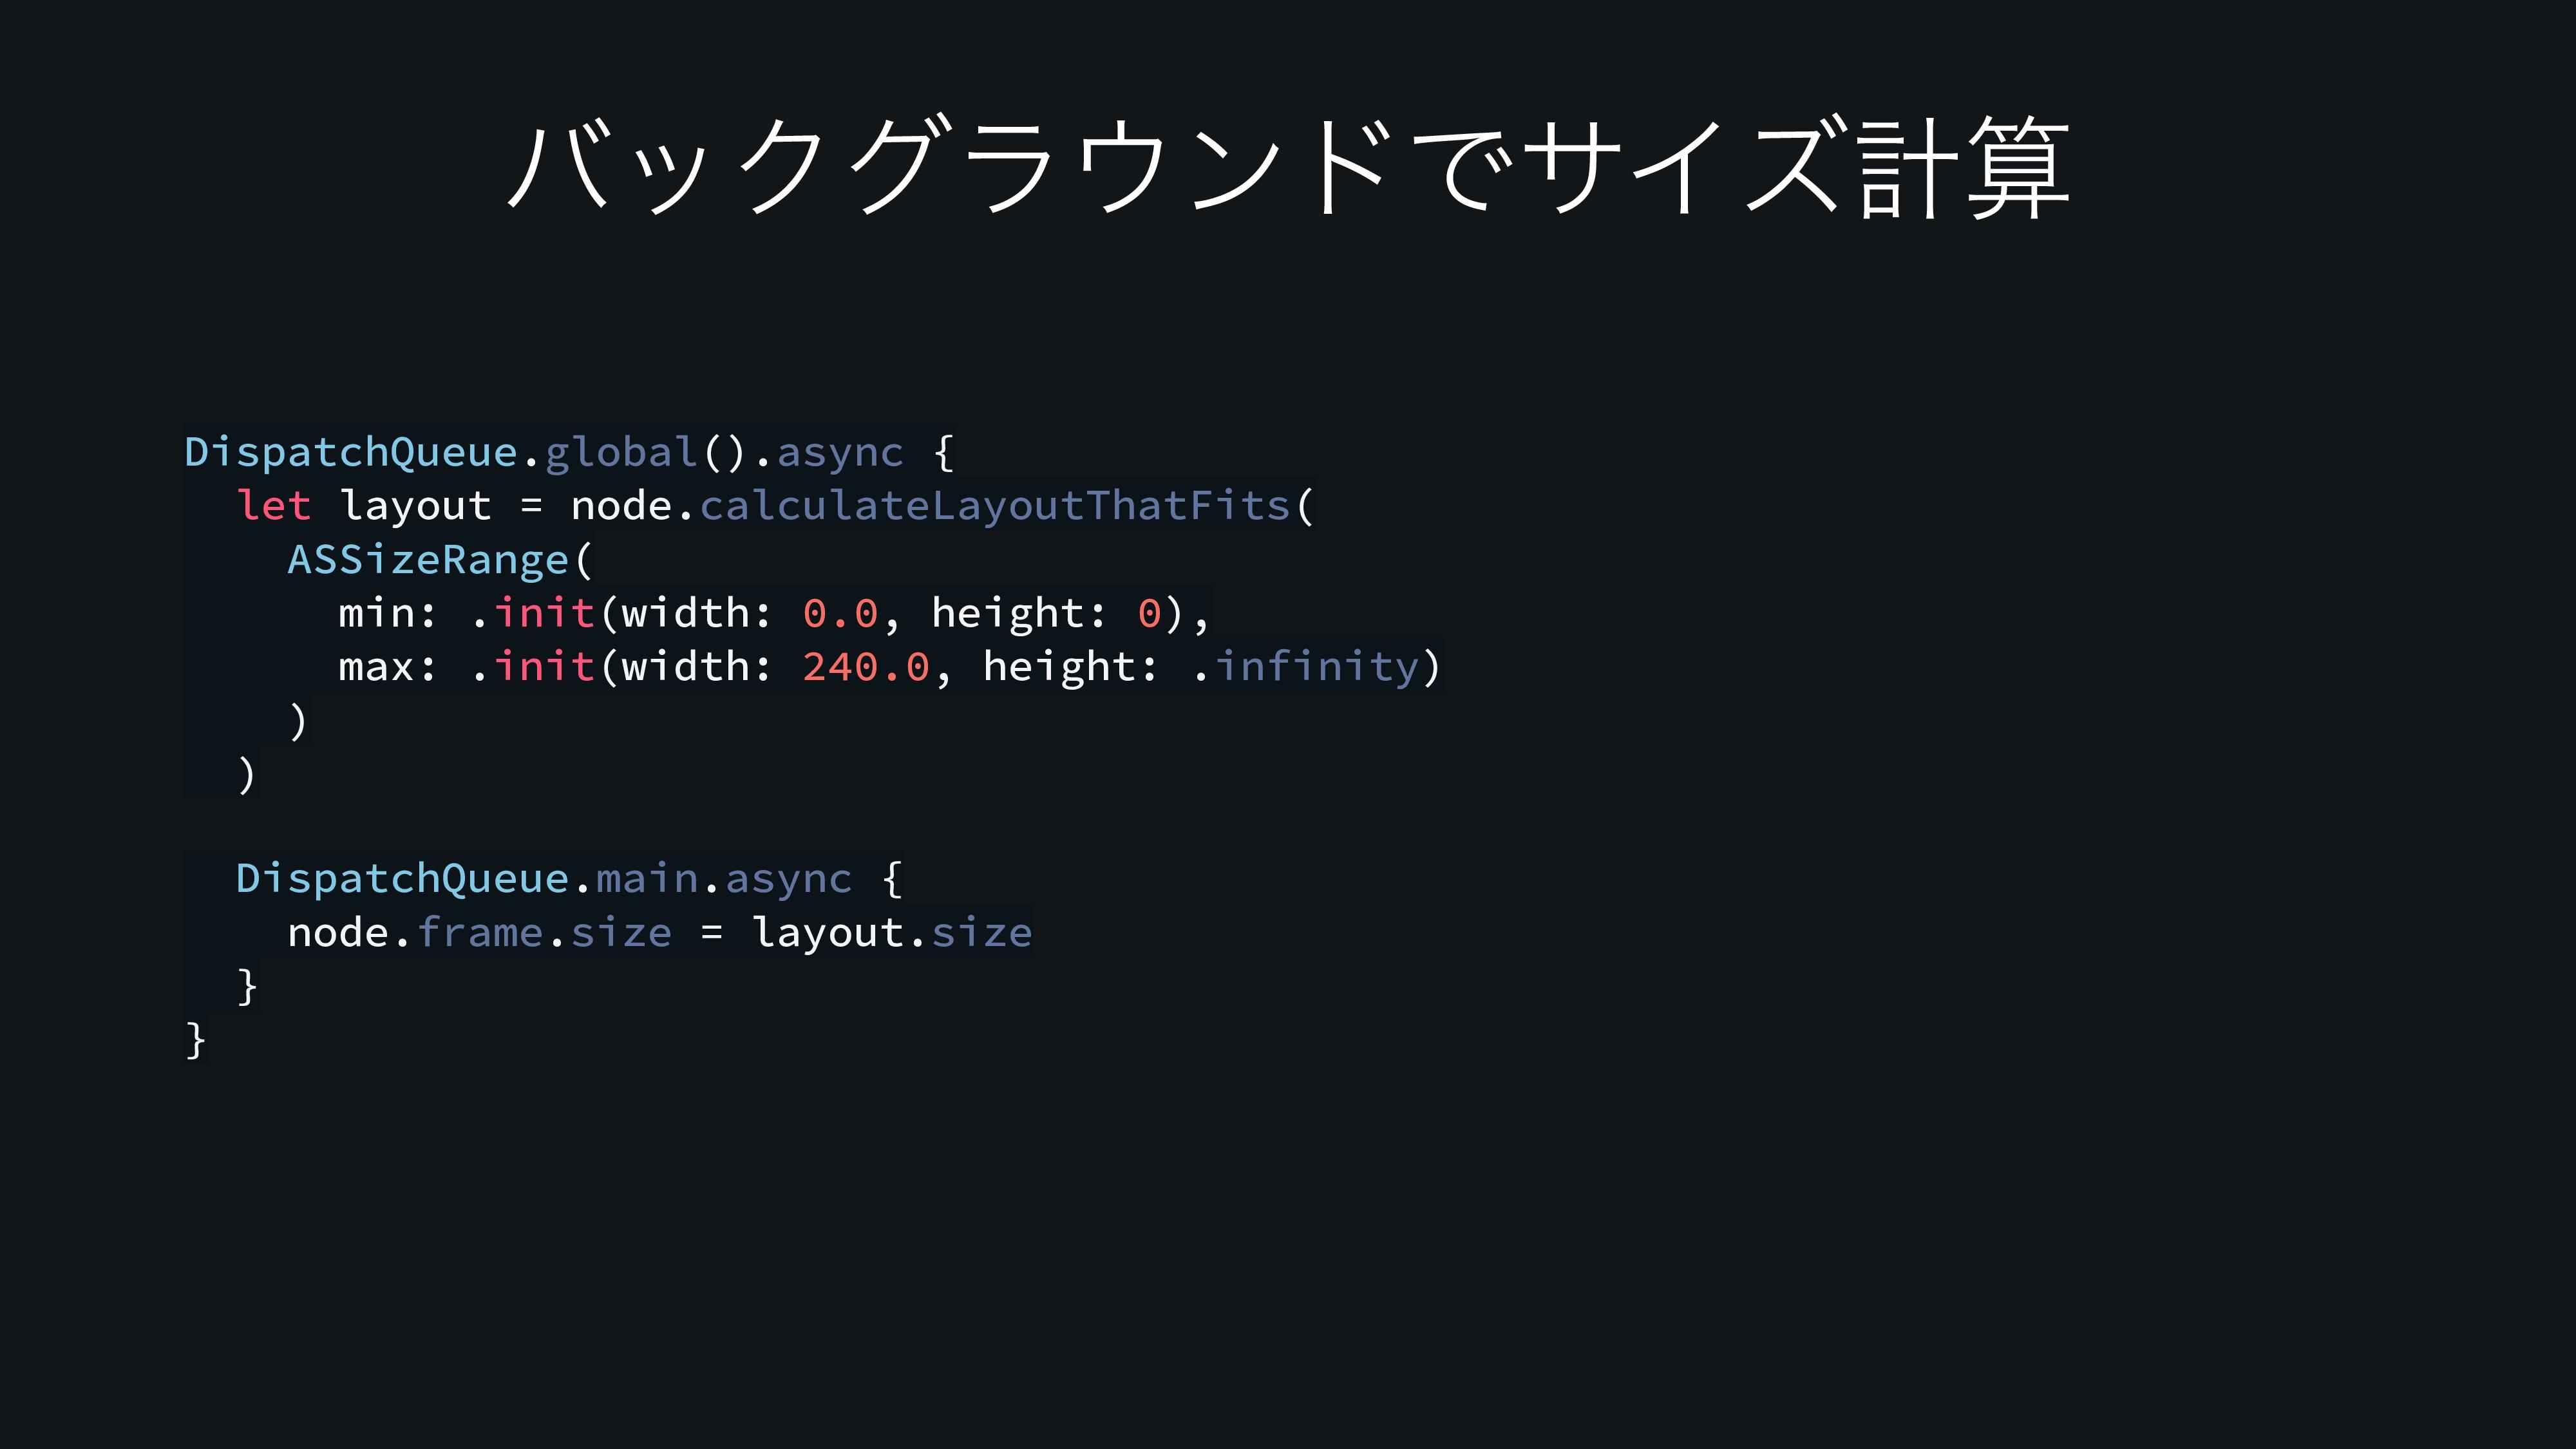 DispatchQueue.global().async { let layout = nod...